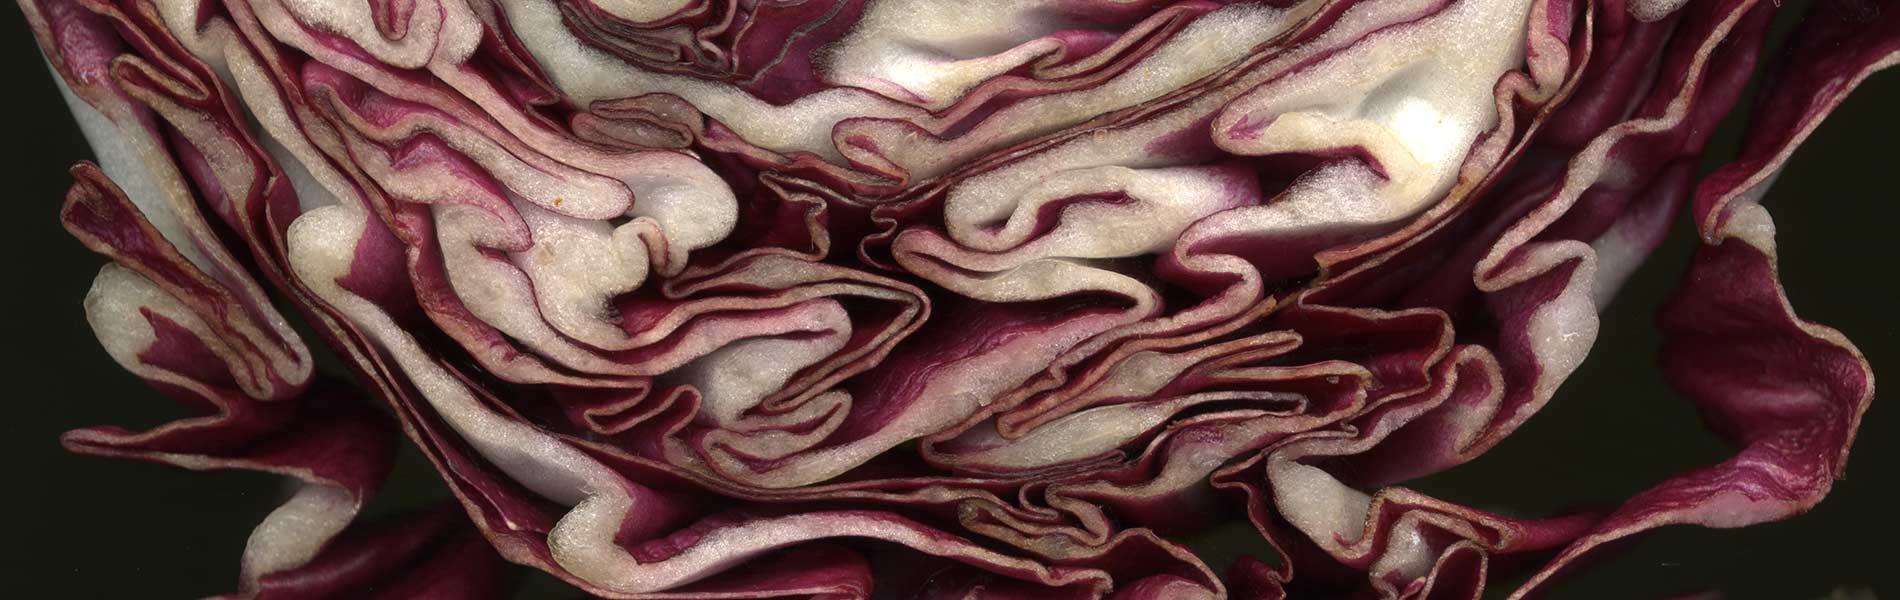 gasthaus-frohe-aussicht-vegetarisch-essen